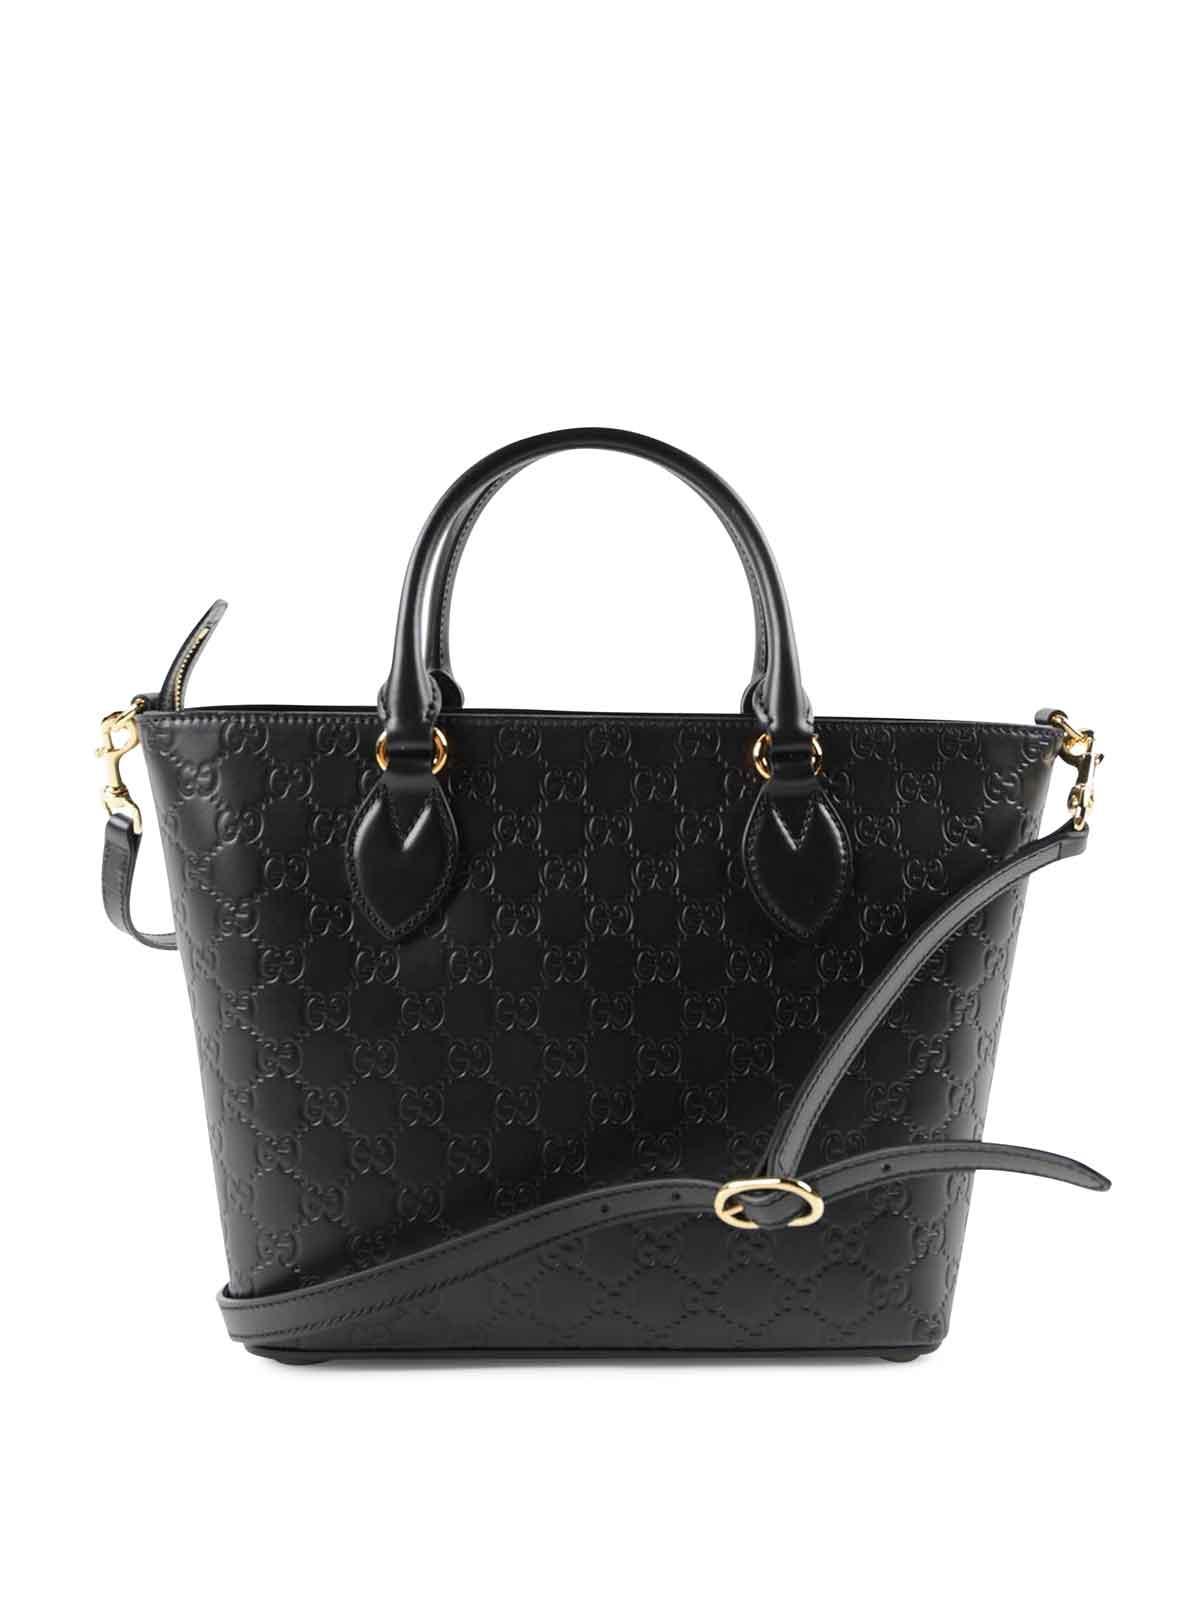 549d65202 Gucci - Gucci Signature tote - totes bags - 432124CWC1G 1000 | iKRIX.com